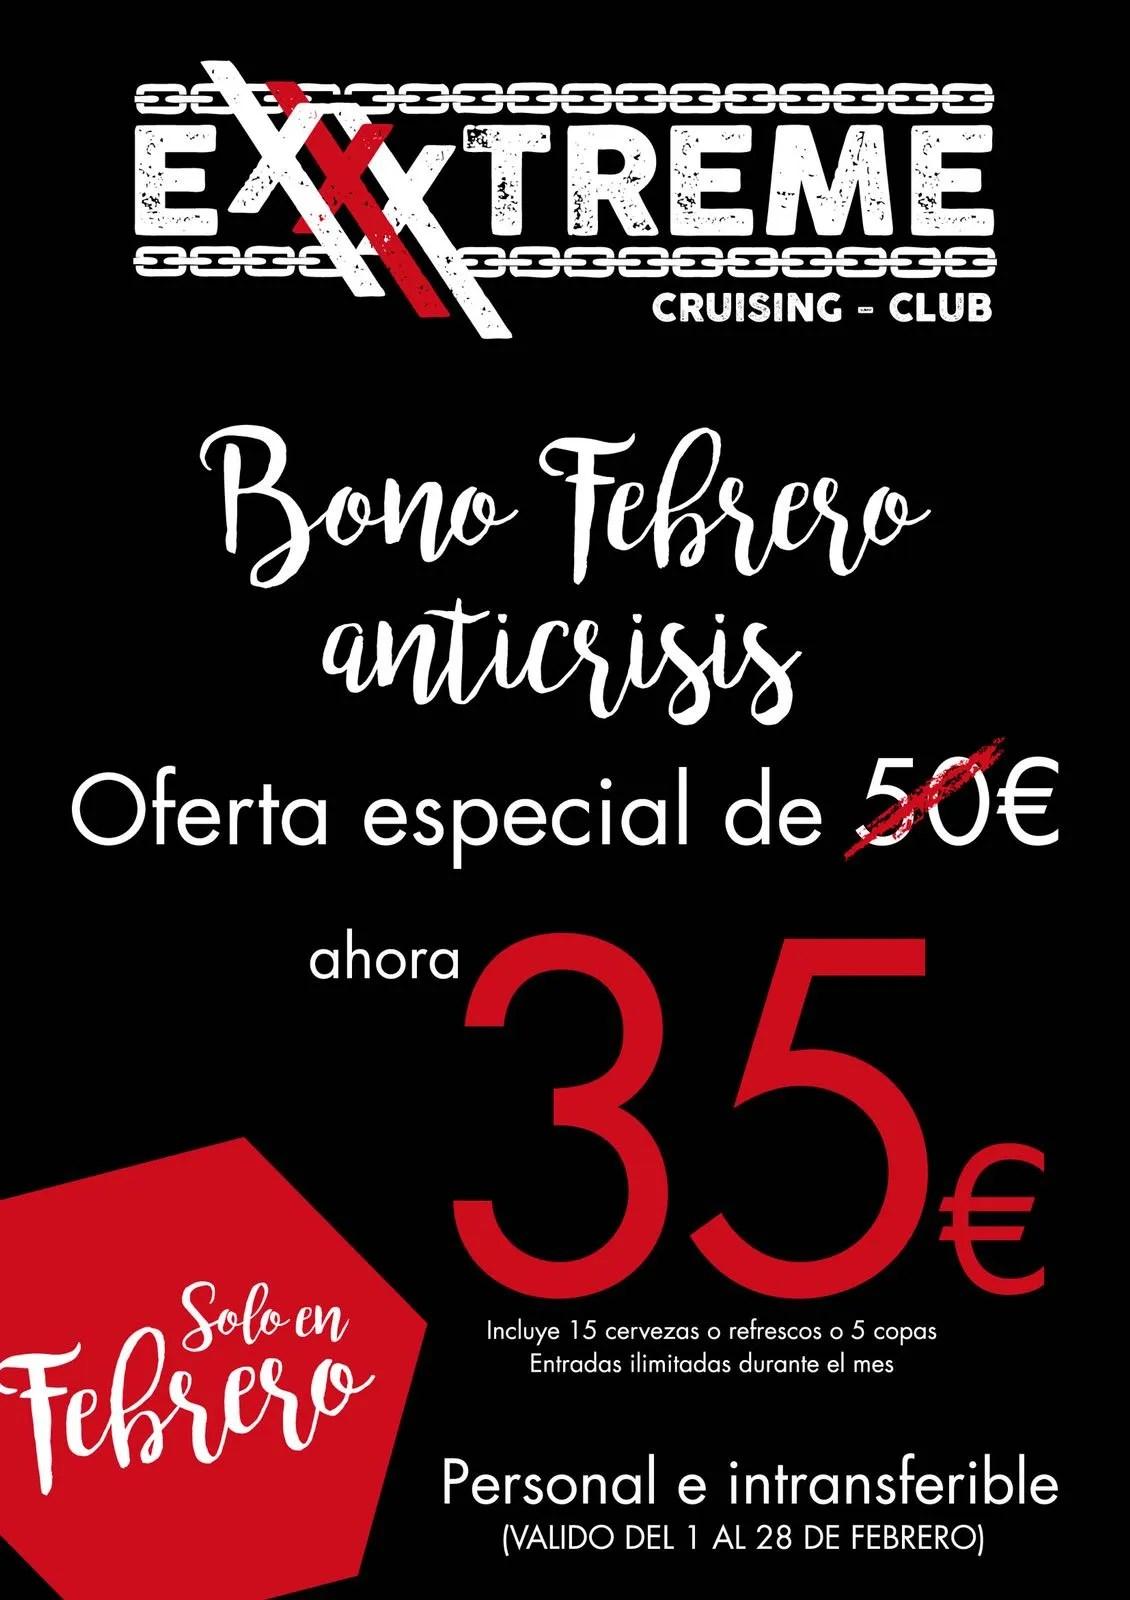 OFERTA ESPECIAL. BONO FEBRERO ANTICRISIS por 35€